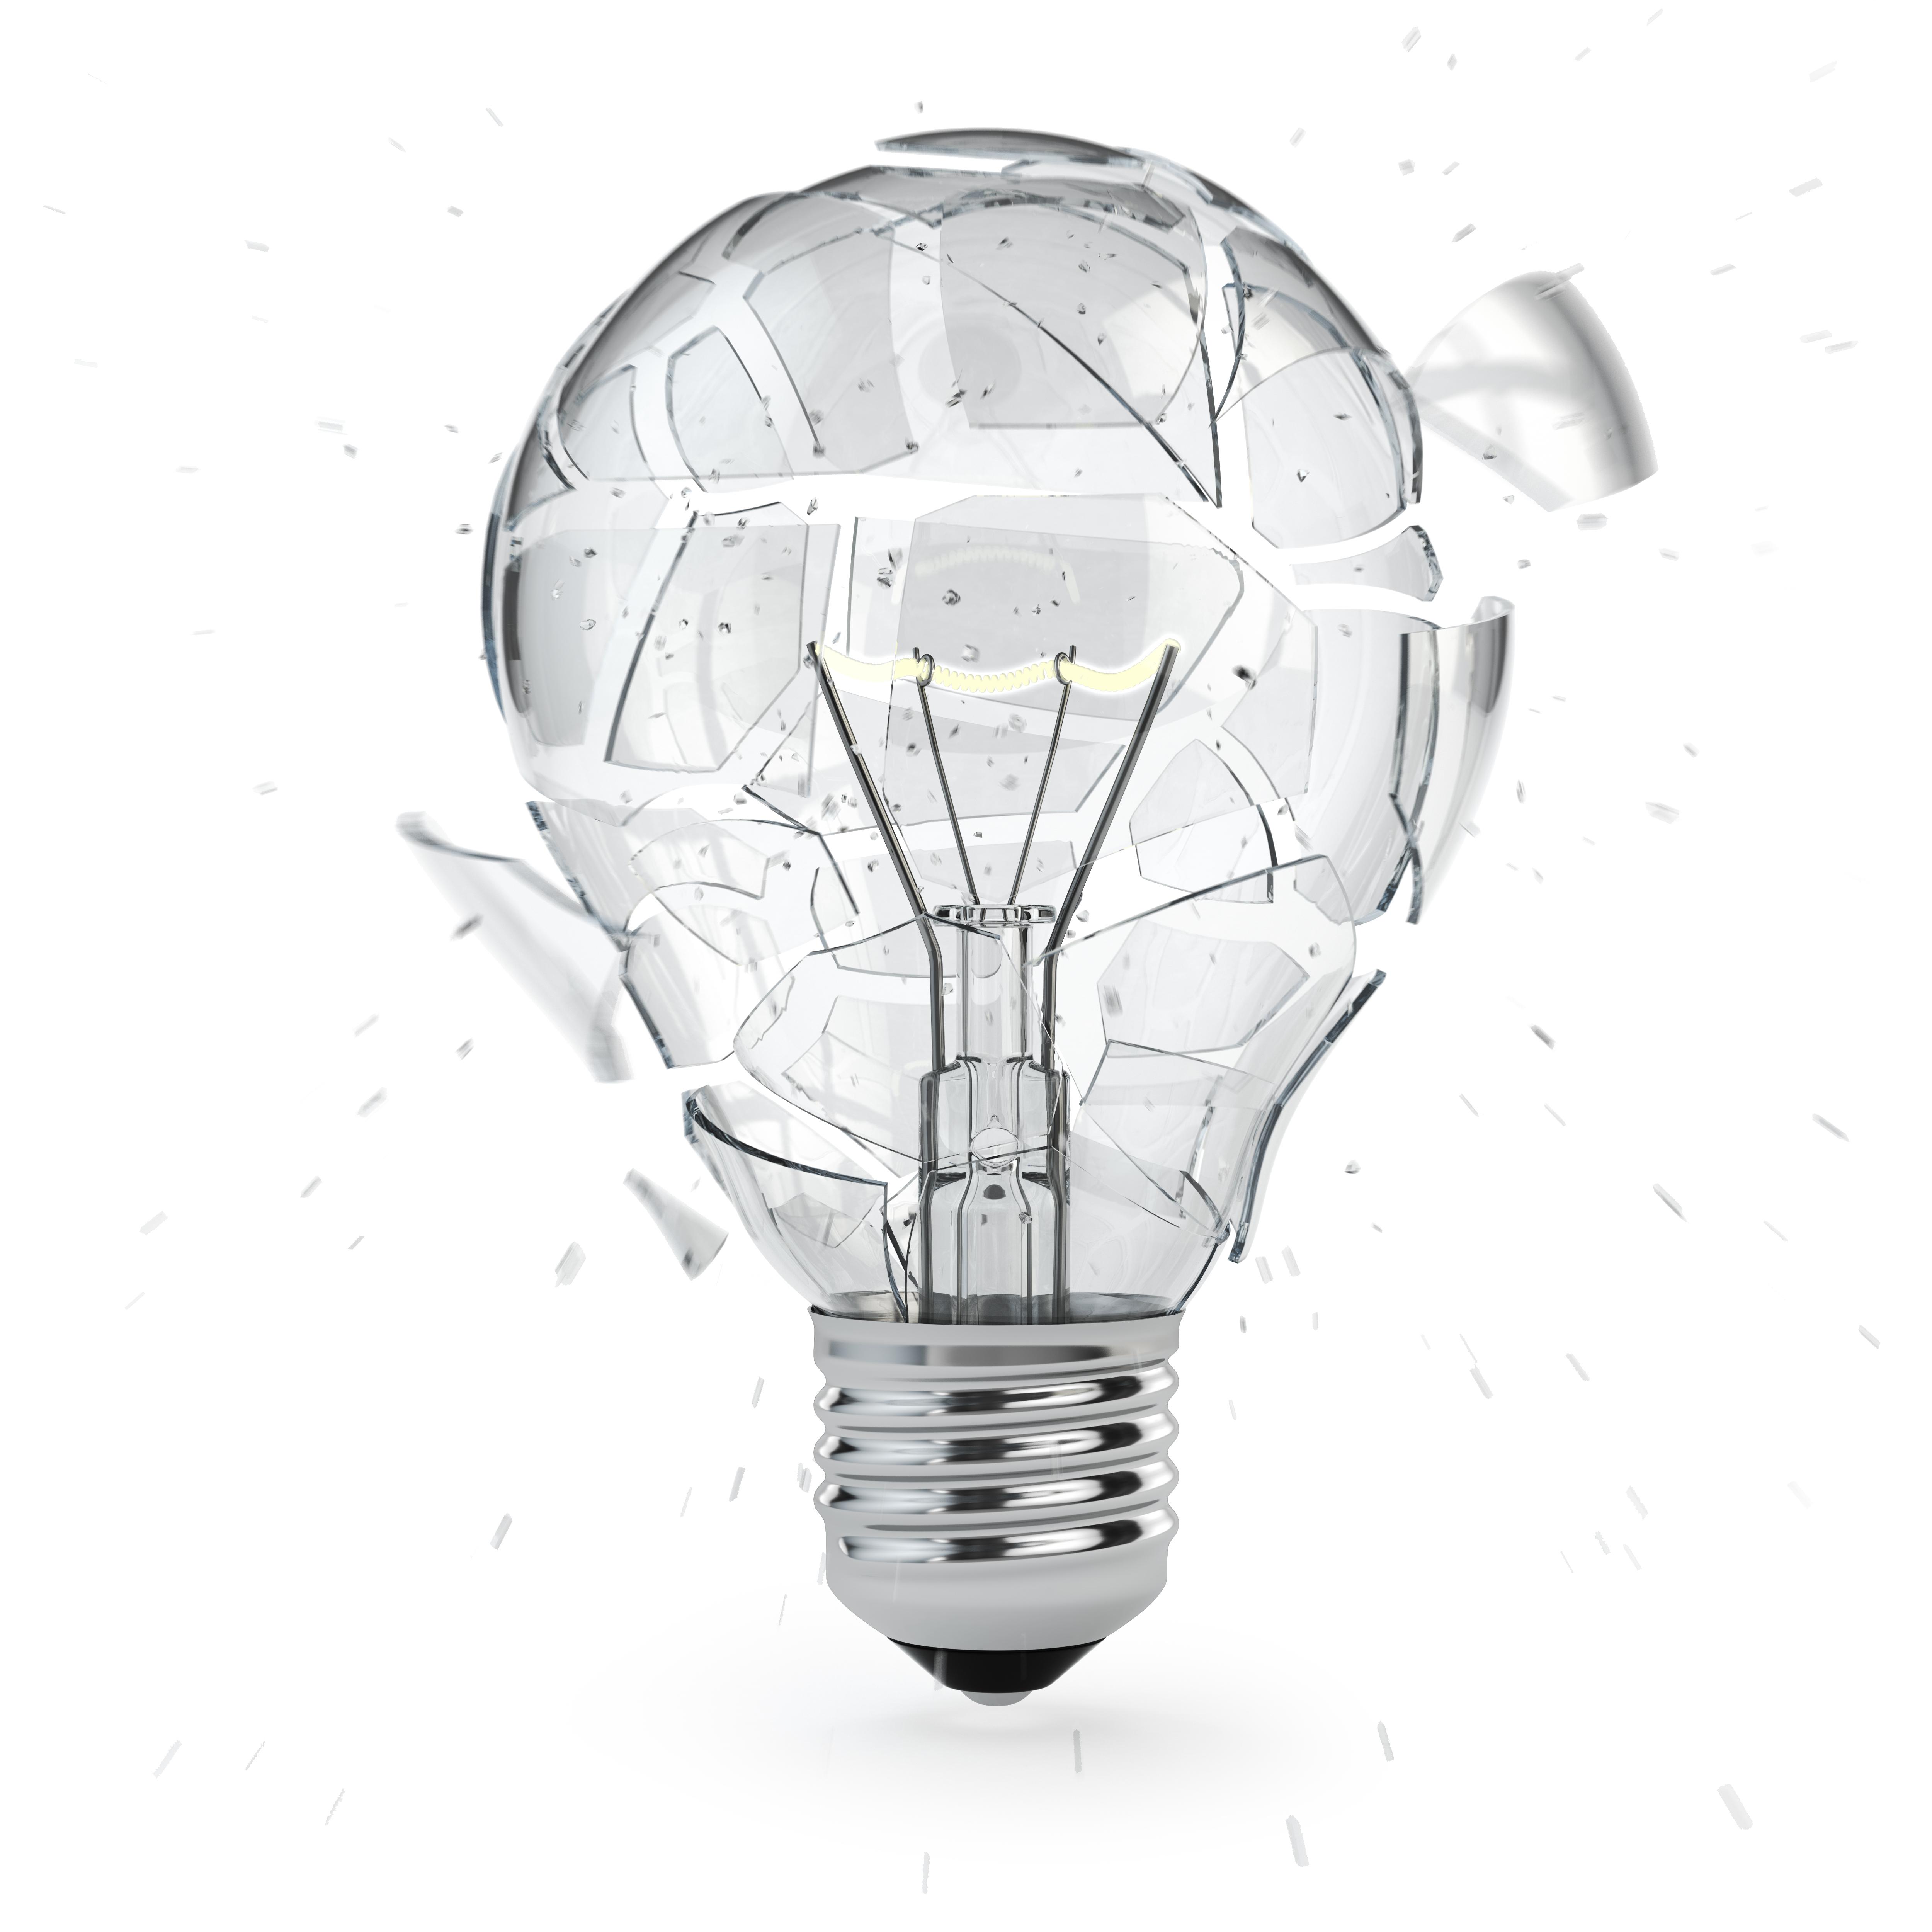 ThinkstockPhotos-510242659-idéeetprojet-catalysation